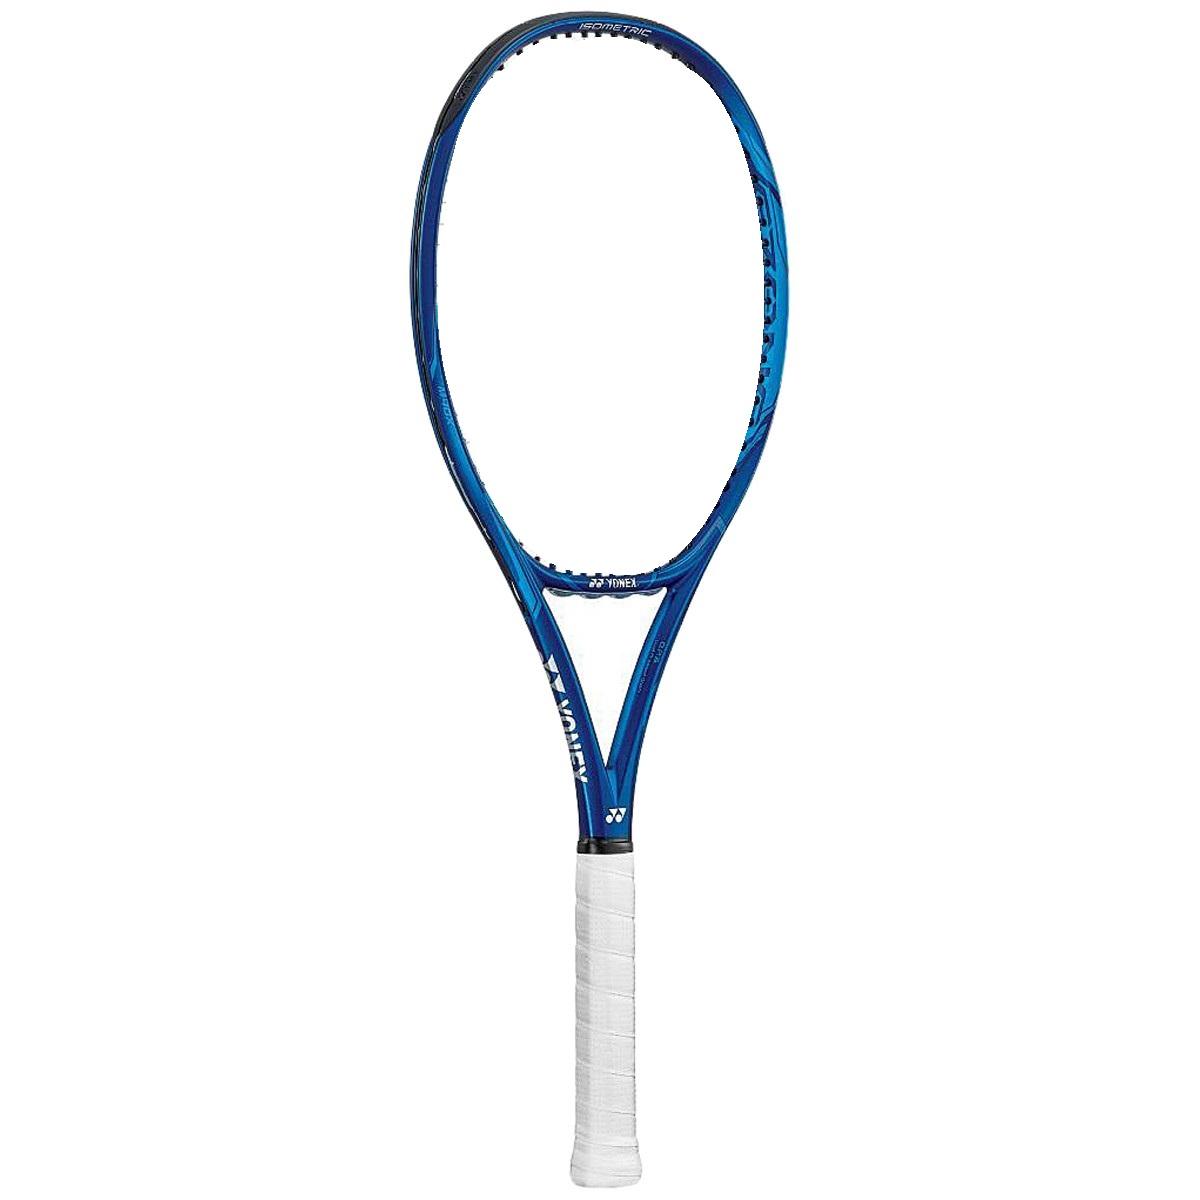 送料無料 ポイントアップ グリップテープ5本付 低廉 2020モデル イーゾーン 100SL 270g YONEX テニスラケット ヨネックス EZONE100SL 商店